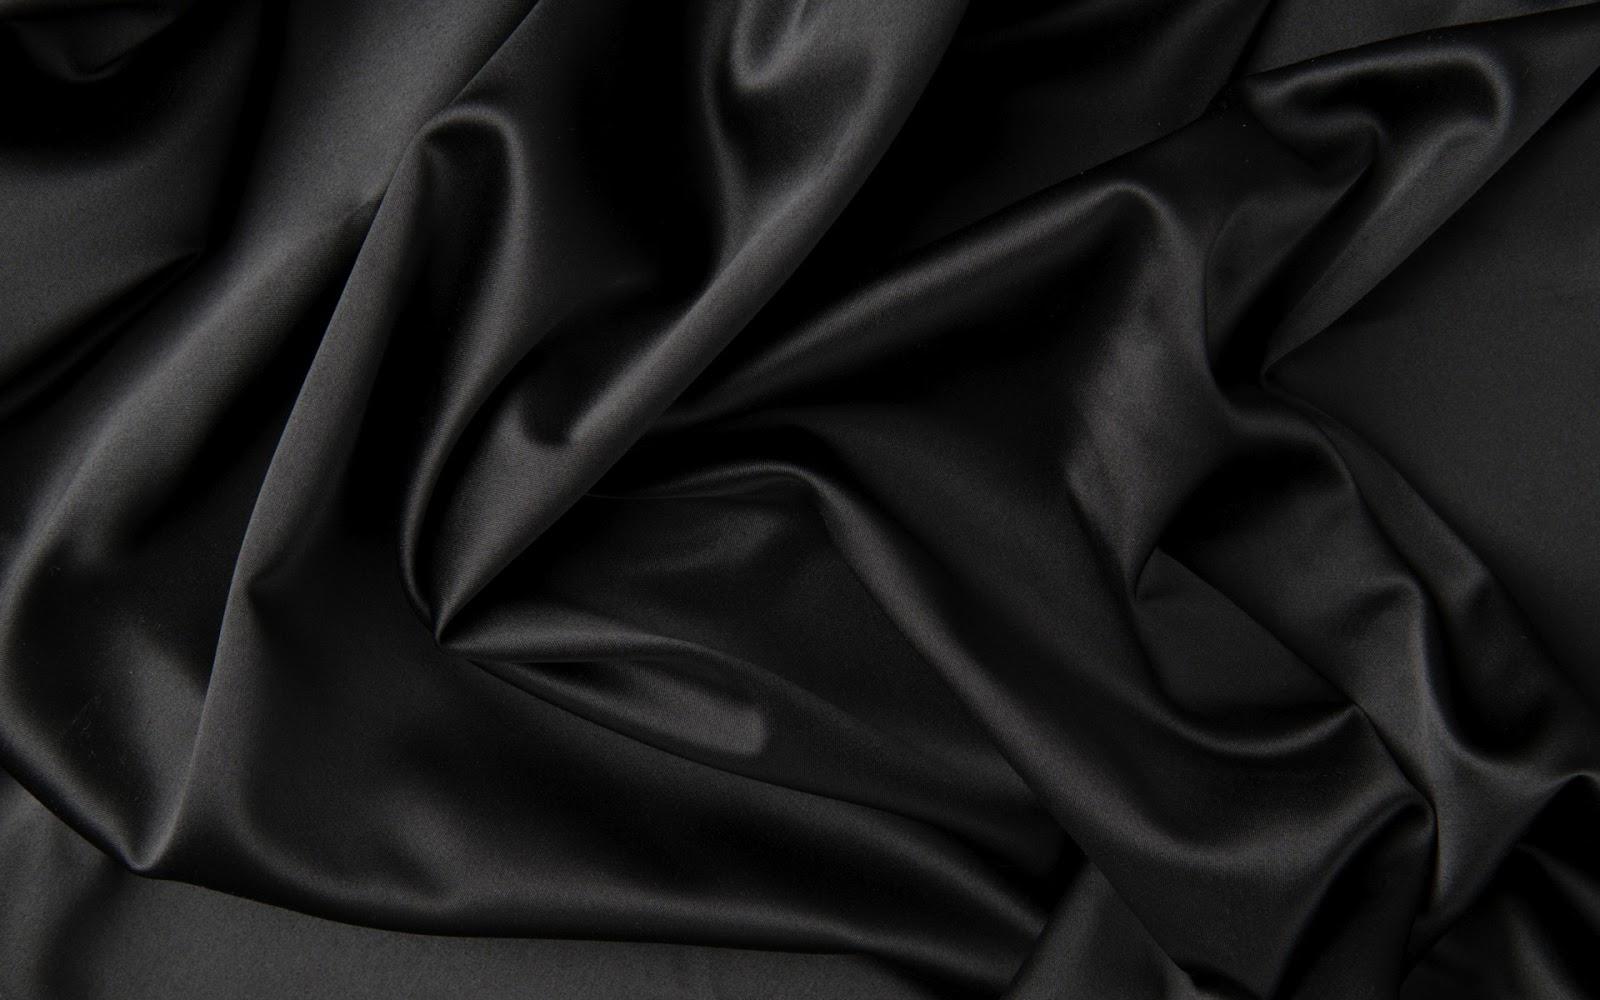 Zwarte achtergrond van satijn stof | Bureaublad Achtergronden